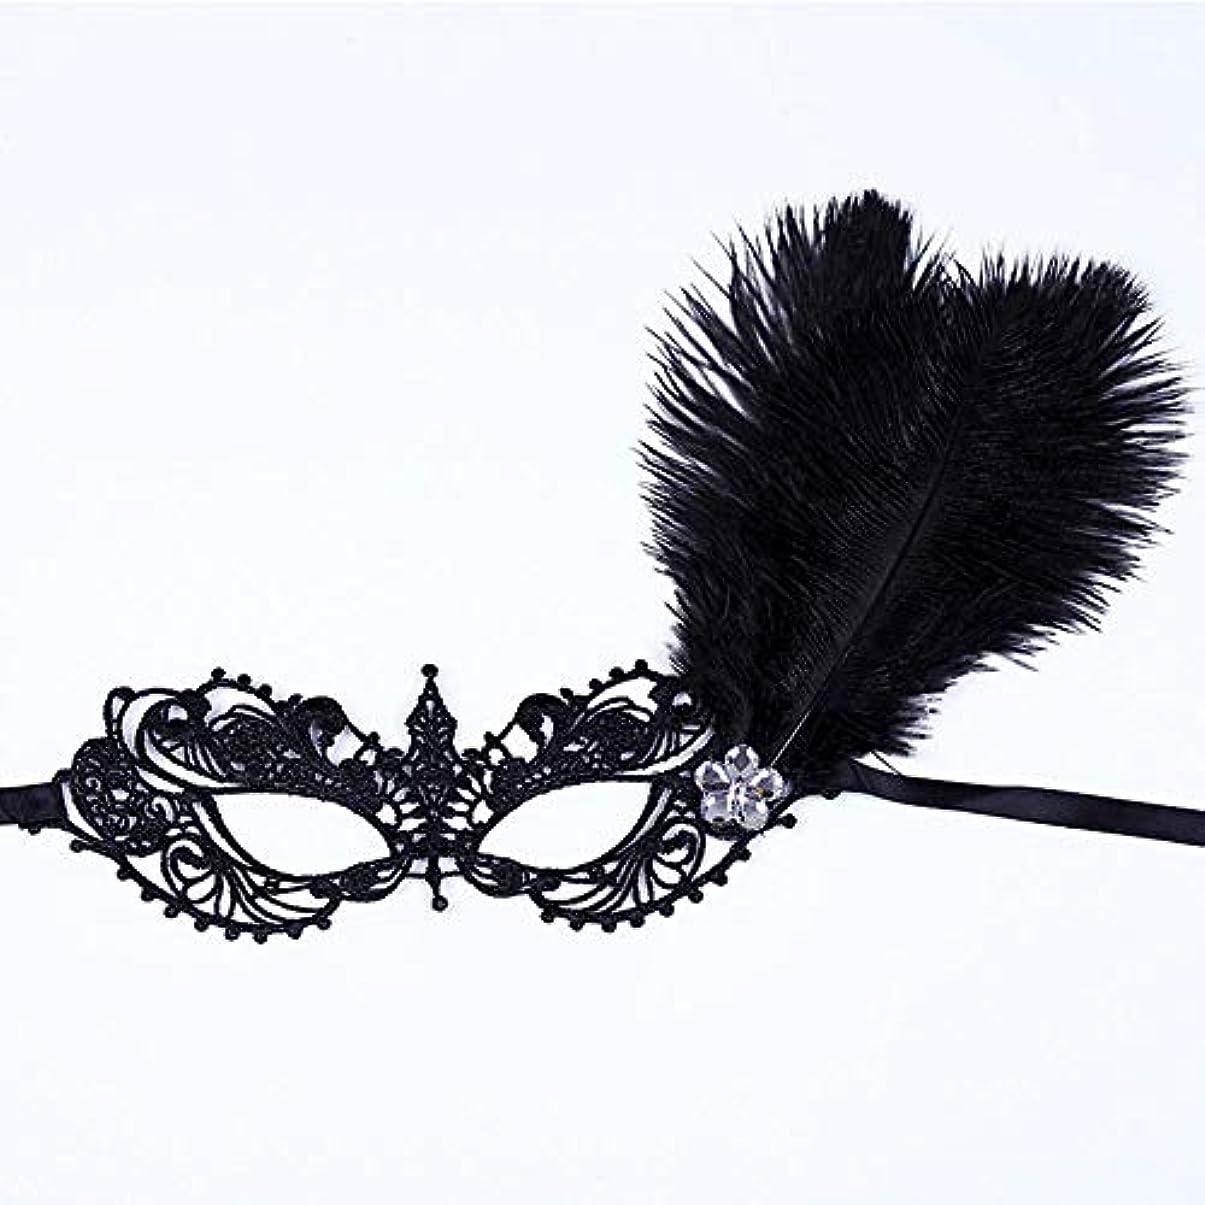 天気タイマーキルスハロウィンマスクマスク仮面舞踏会レースマスクキャットウォークパーティーセクシーマスクブラック